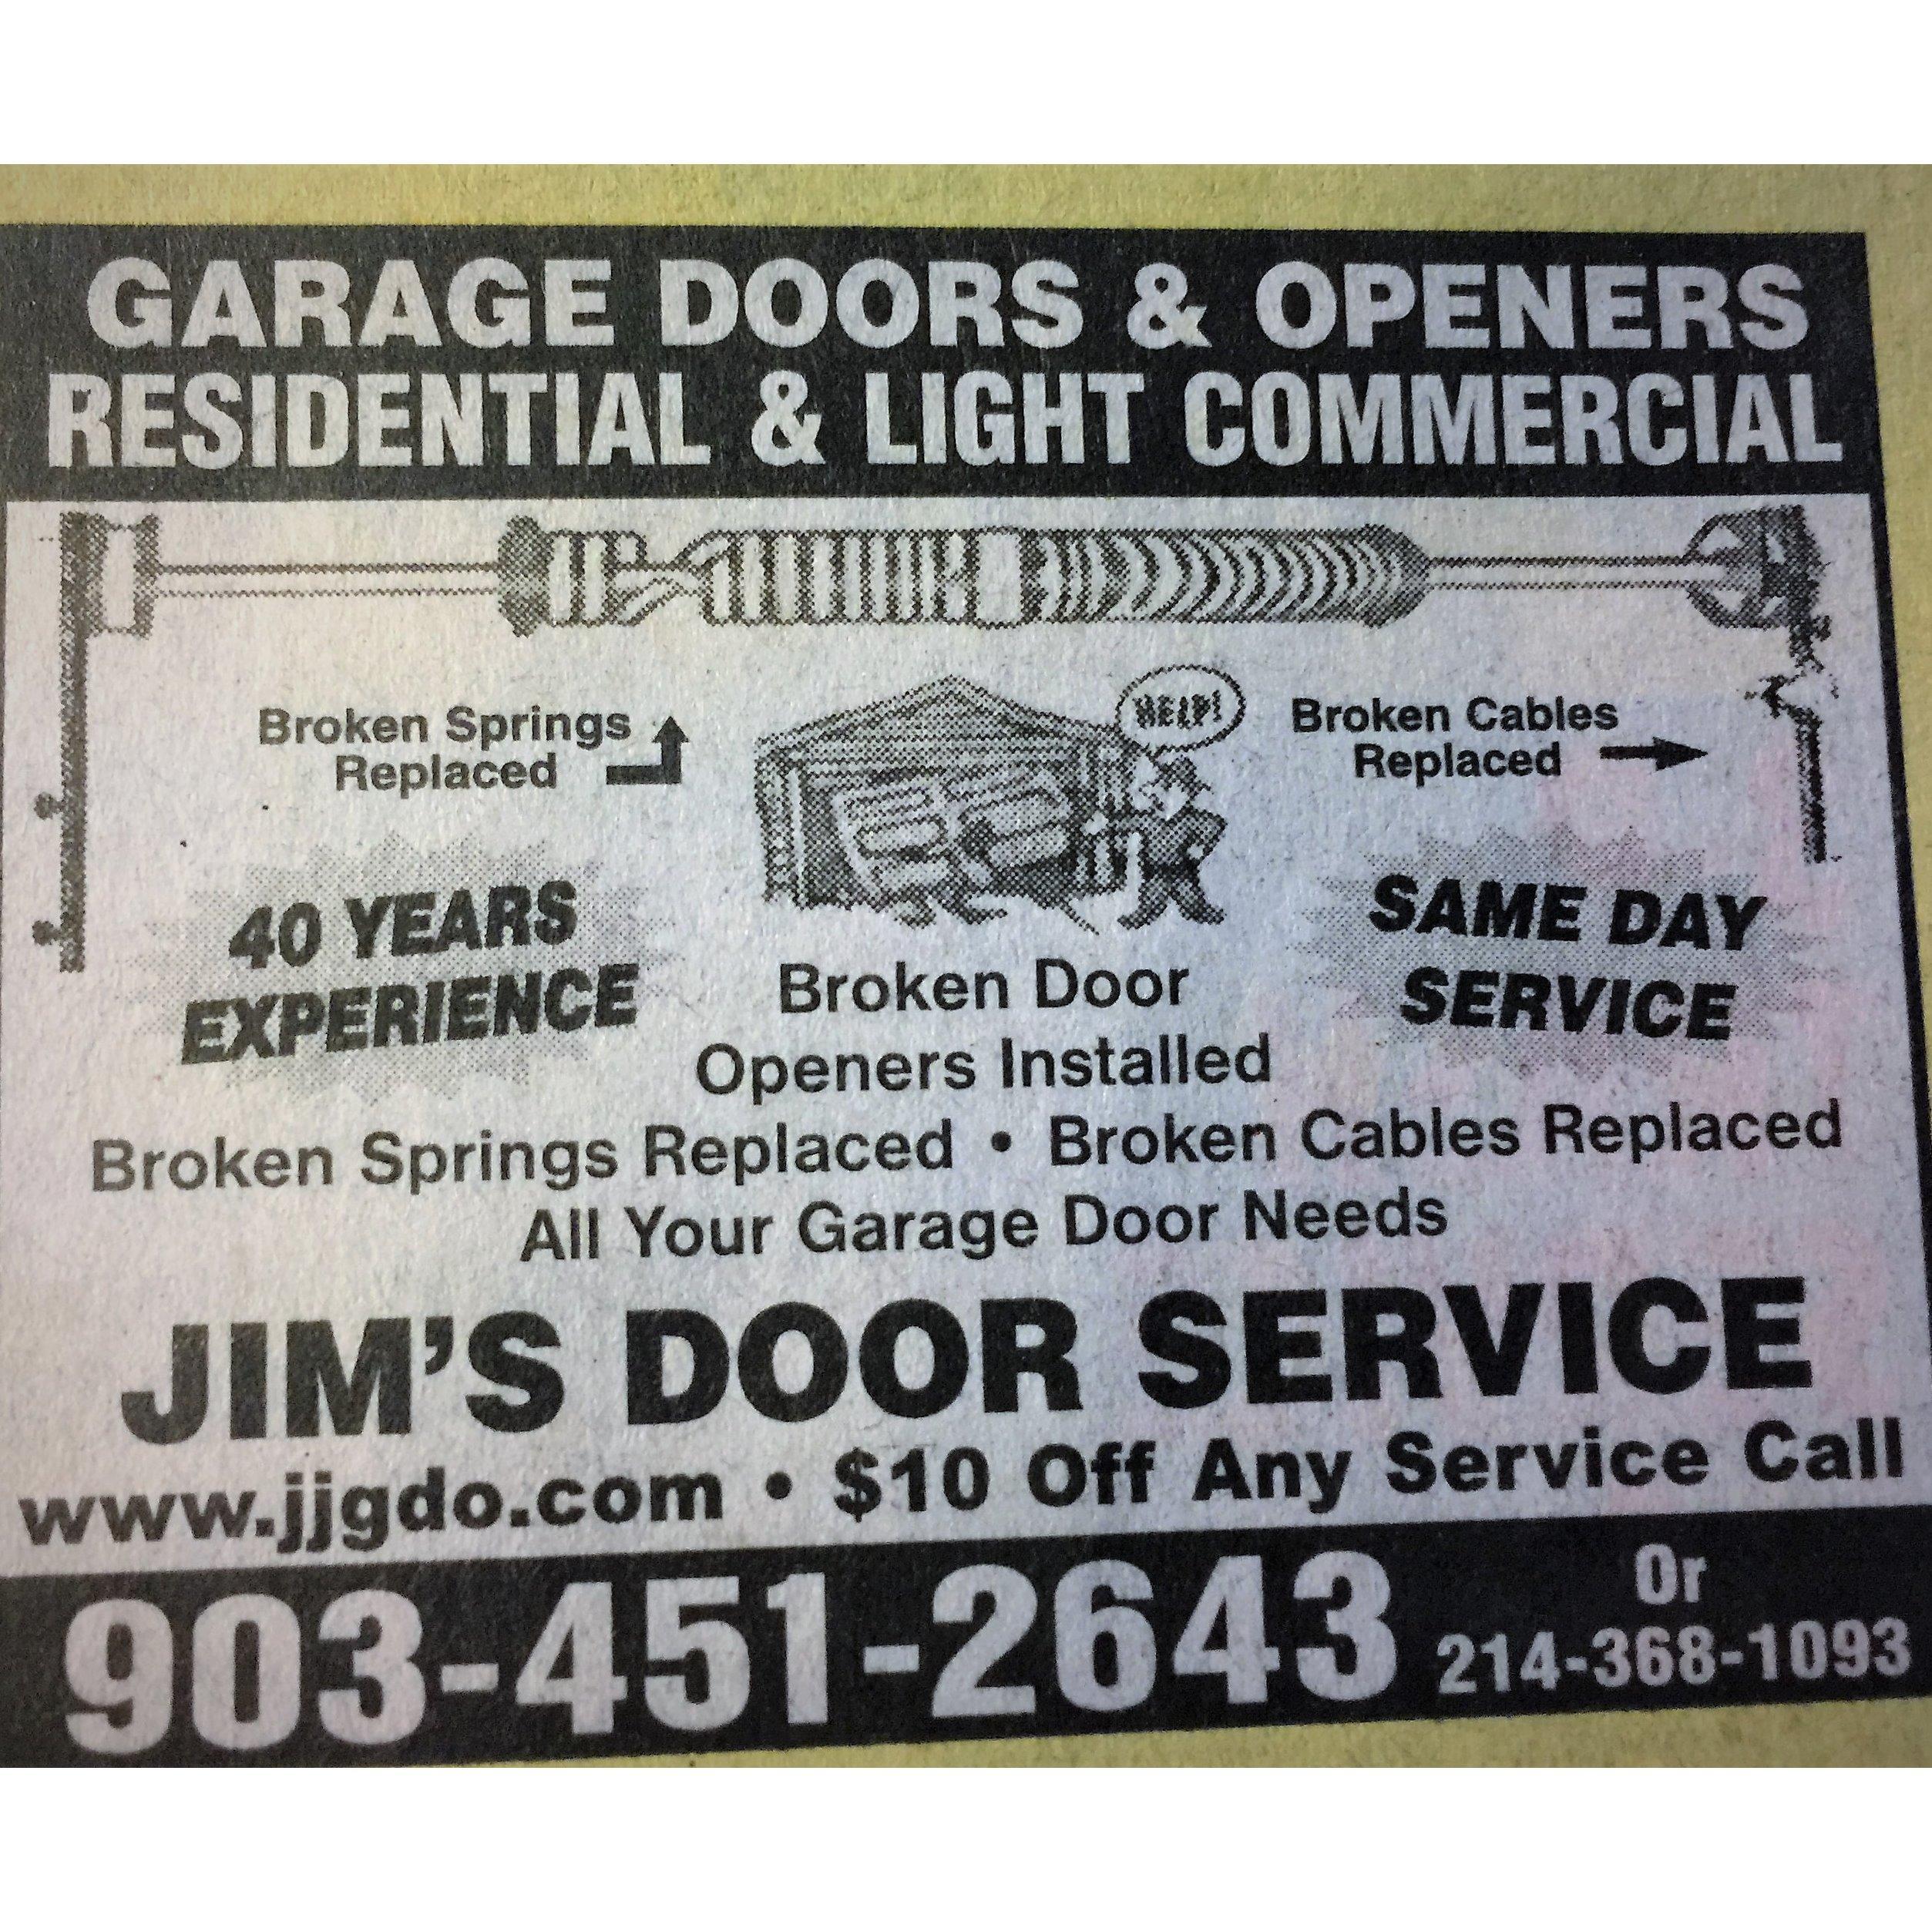 Jims Door Service Mabank Tx 75156 903 451 2643